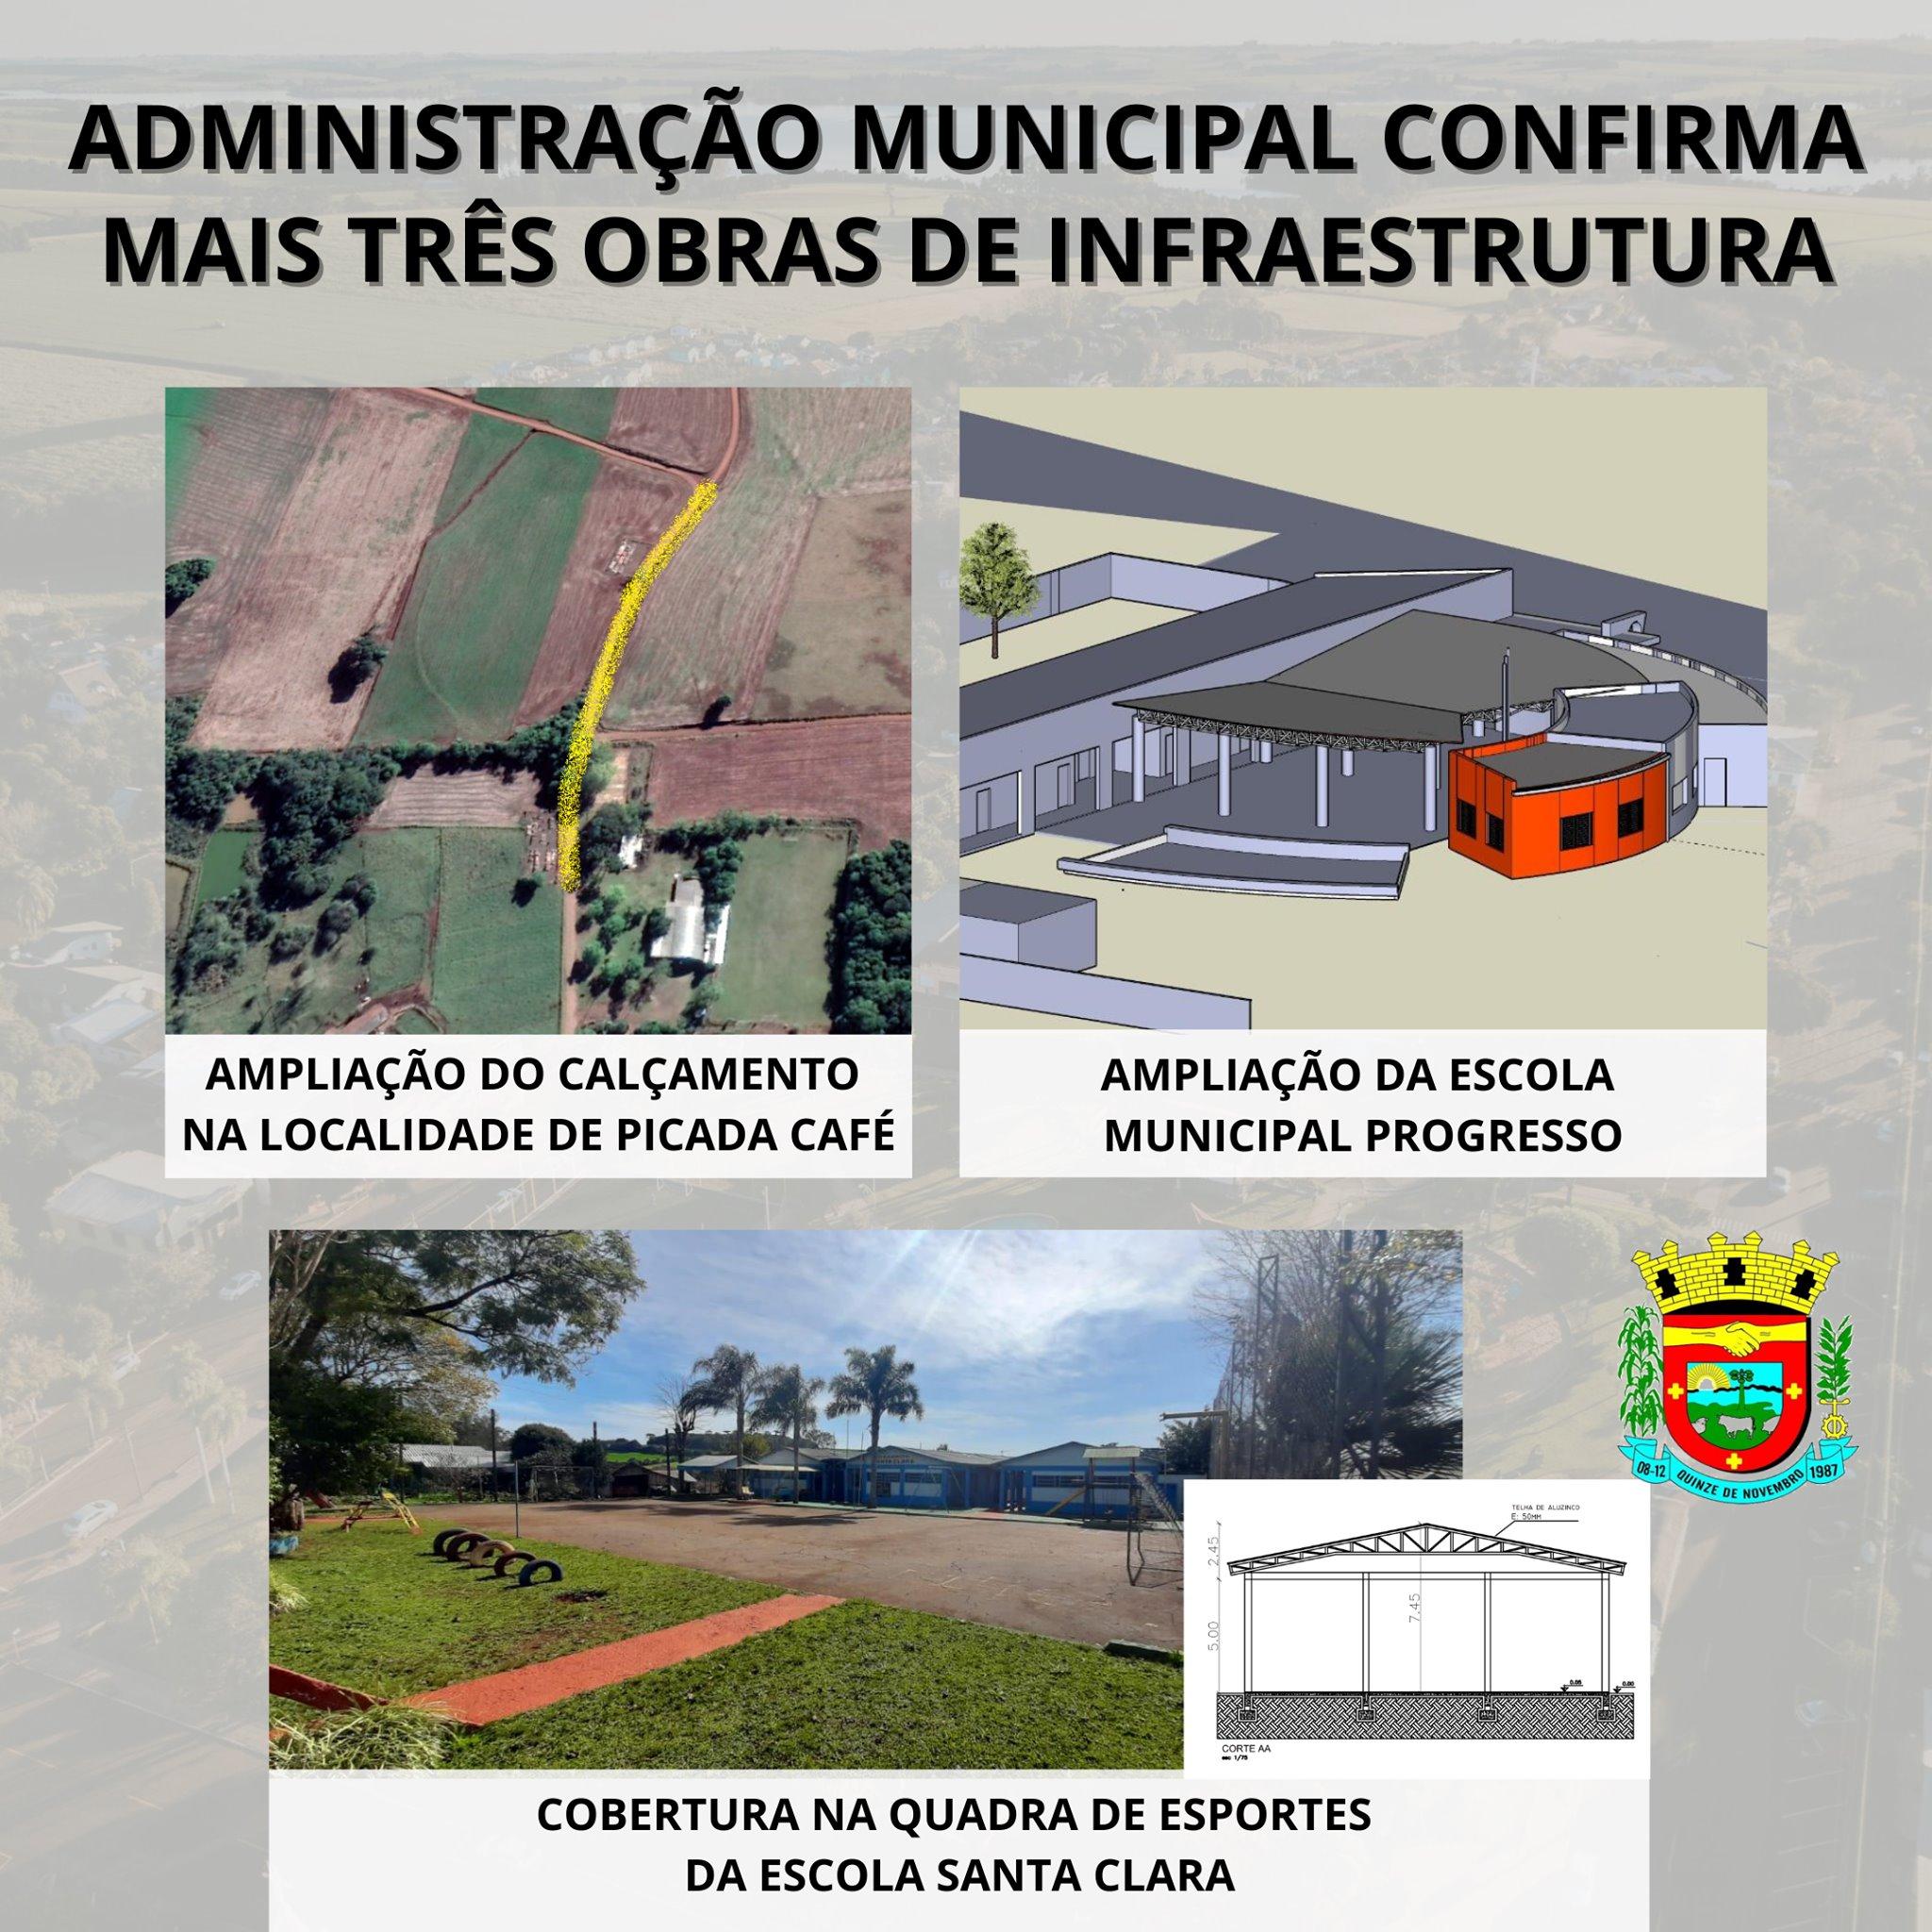 Três obras de infraestrutura serão realizadas em XV de Novembro